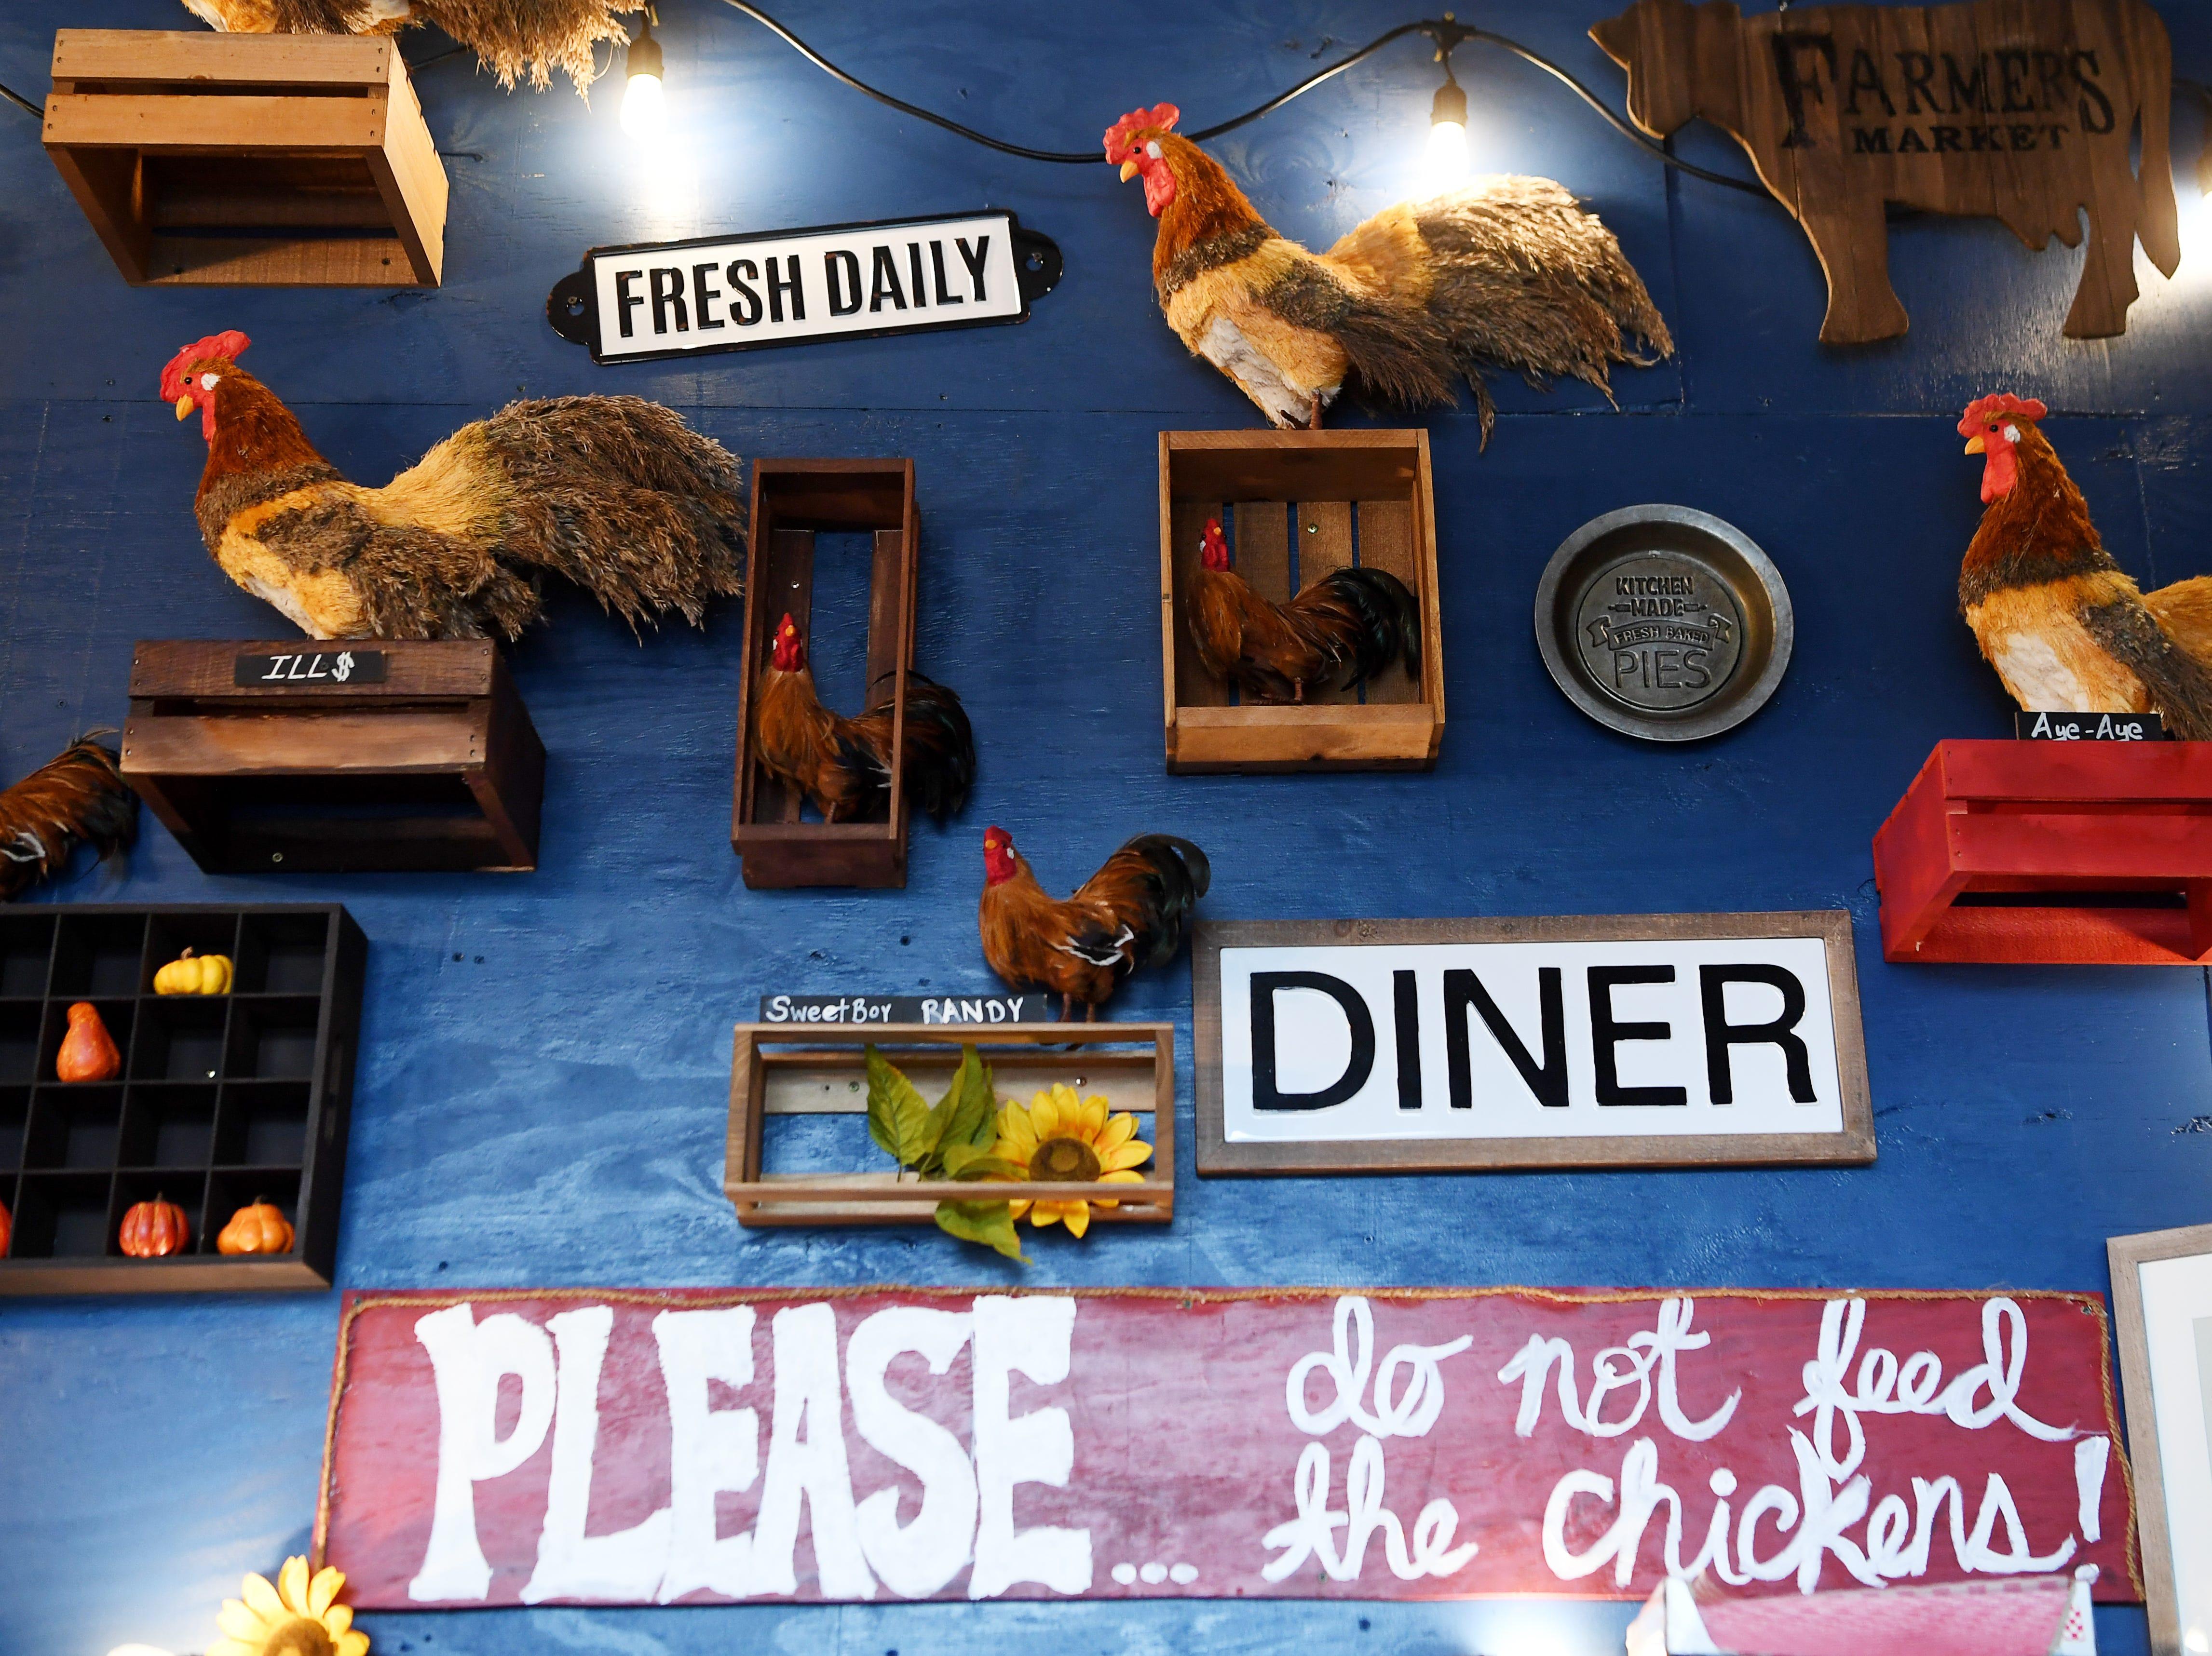 Scenes from Henrietta's Poultry Shoppe in Asheville Dec. 7, 2018.